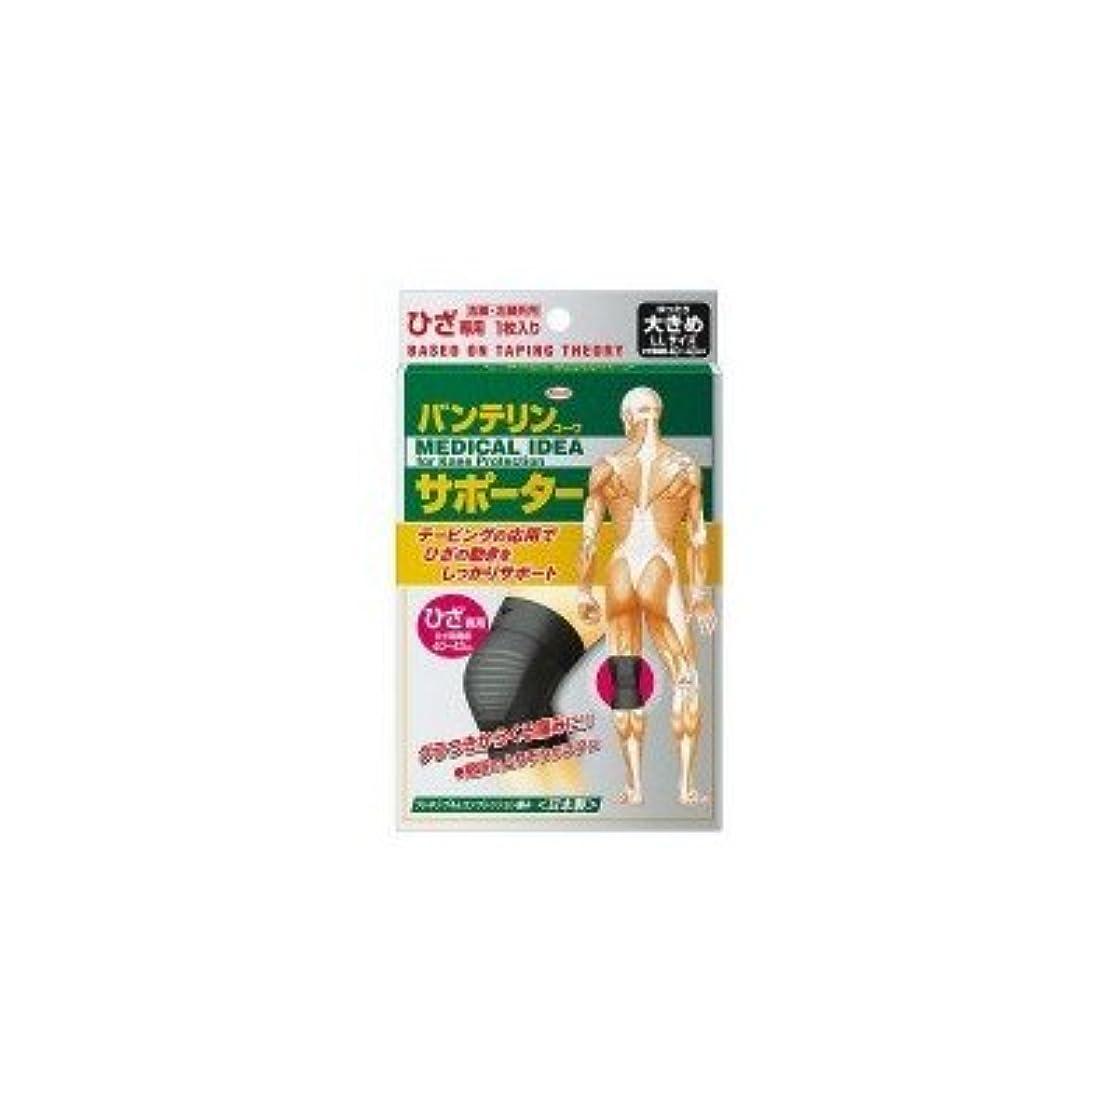 コスチューム純度描写興和(コーワ) バンテリンコーワサポーター ひざ専用 ゆったり大きめLLサイズ ブラック